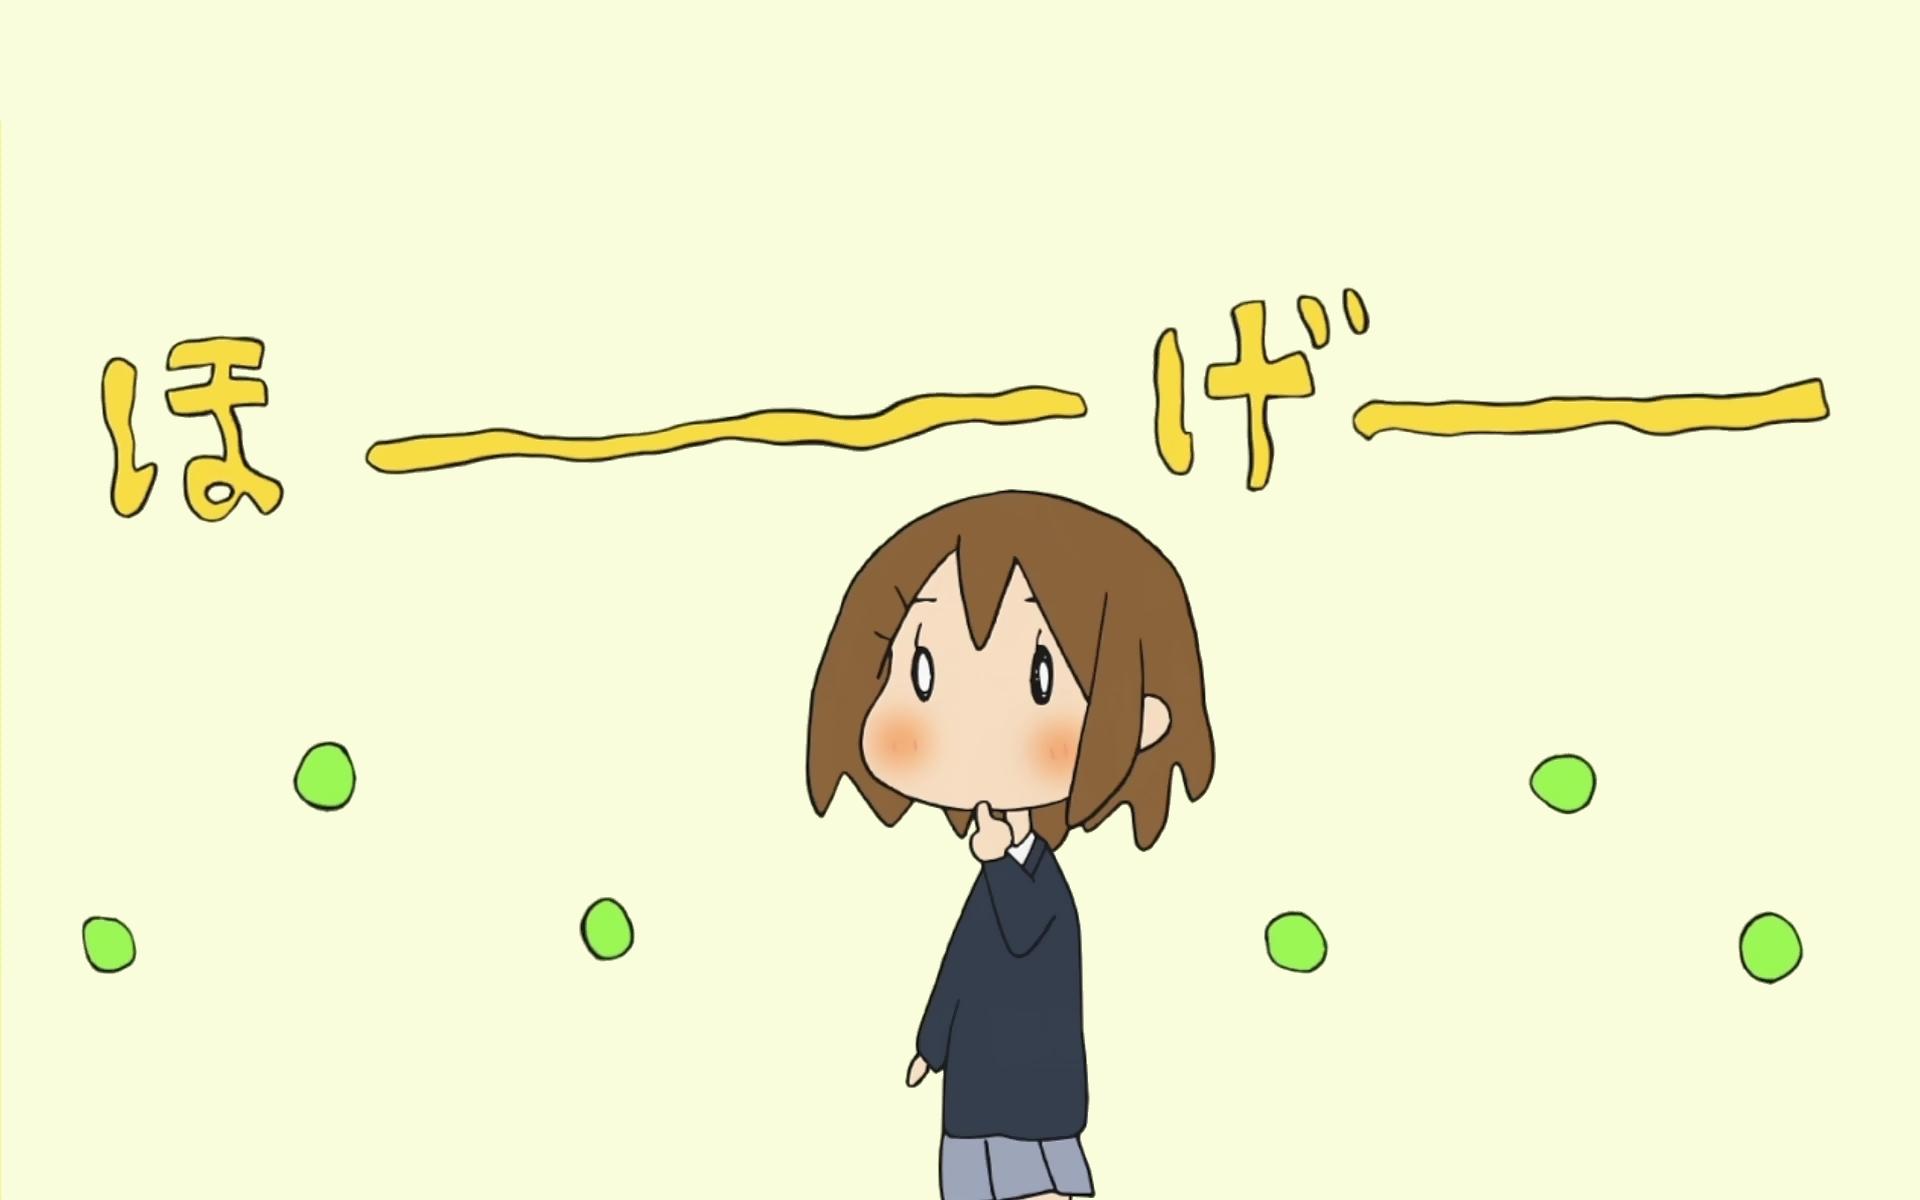 Konachan.com - 72504 hirasawa_yui k-on!